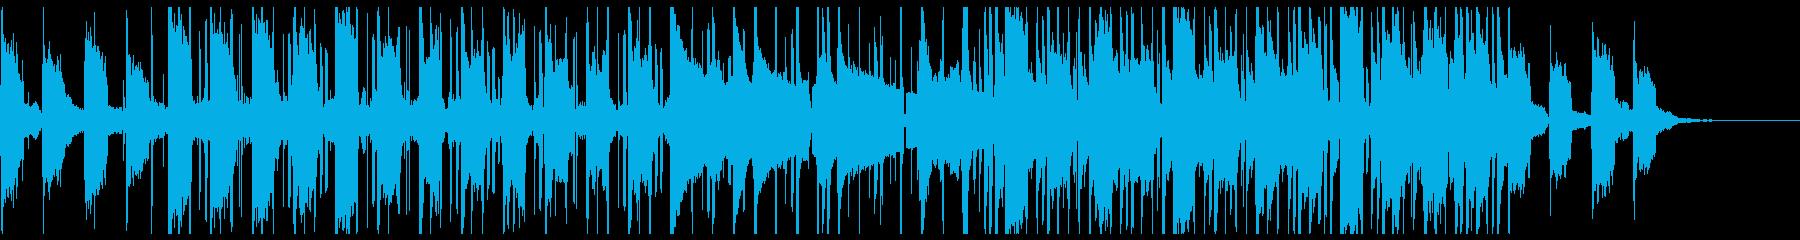 ダークな印象のTrapの再生済みの波形